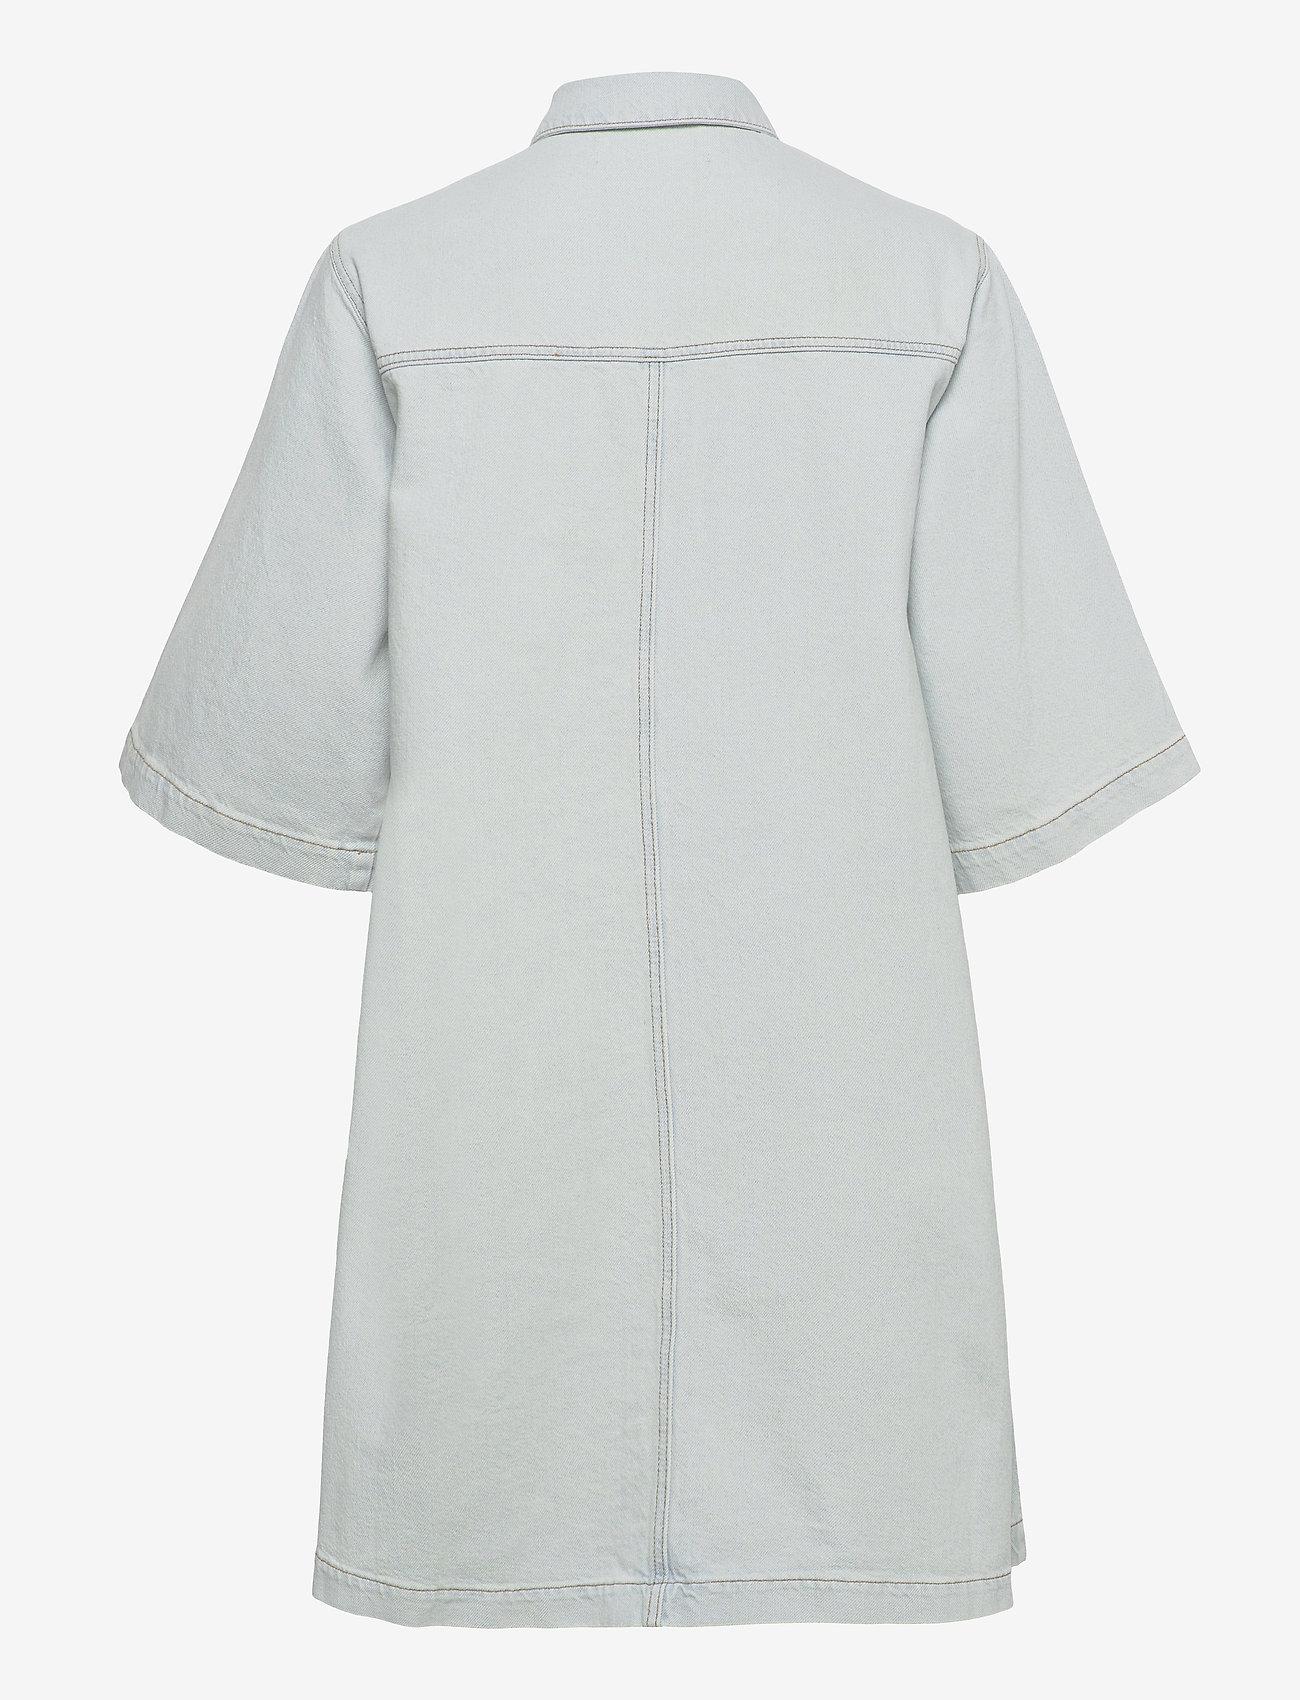 Selected Femme - SLFRUBYRIGHTLUE 3/4 SS DENIM DRESS U - sommerkleider - light blue denim - 1